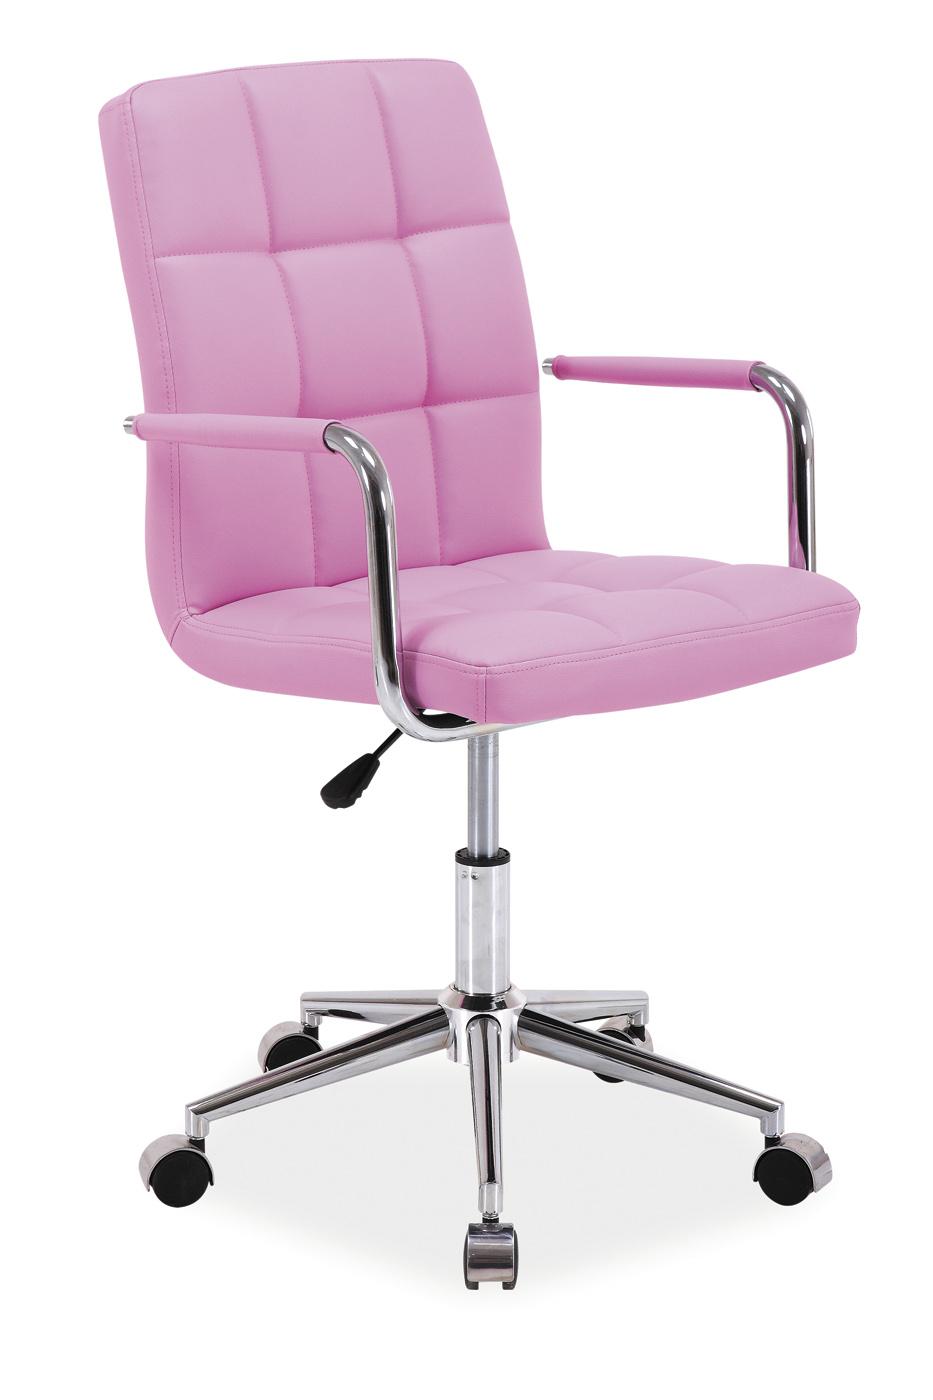 Signal Kancelárske kreslo Q-022 Farba: Ružová